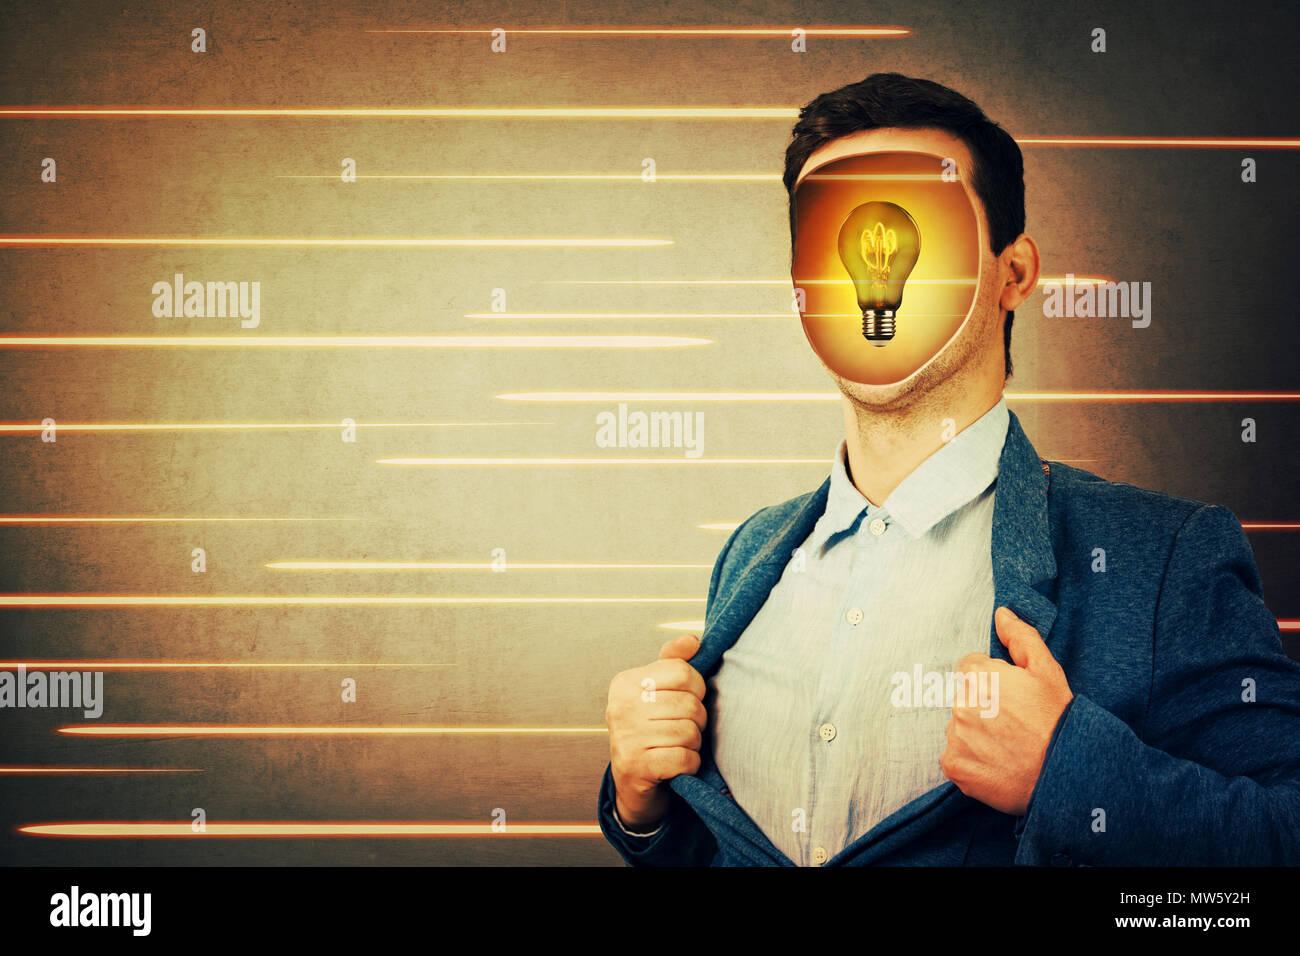 Empresario anónimo con un agujero en su lugar el rostro y una bombilla de luz dentro de la cabeza. La fantasía futurista humano de fondo se transforman en robots. Tecnología dev Imagen De Stock